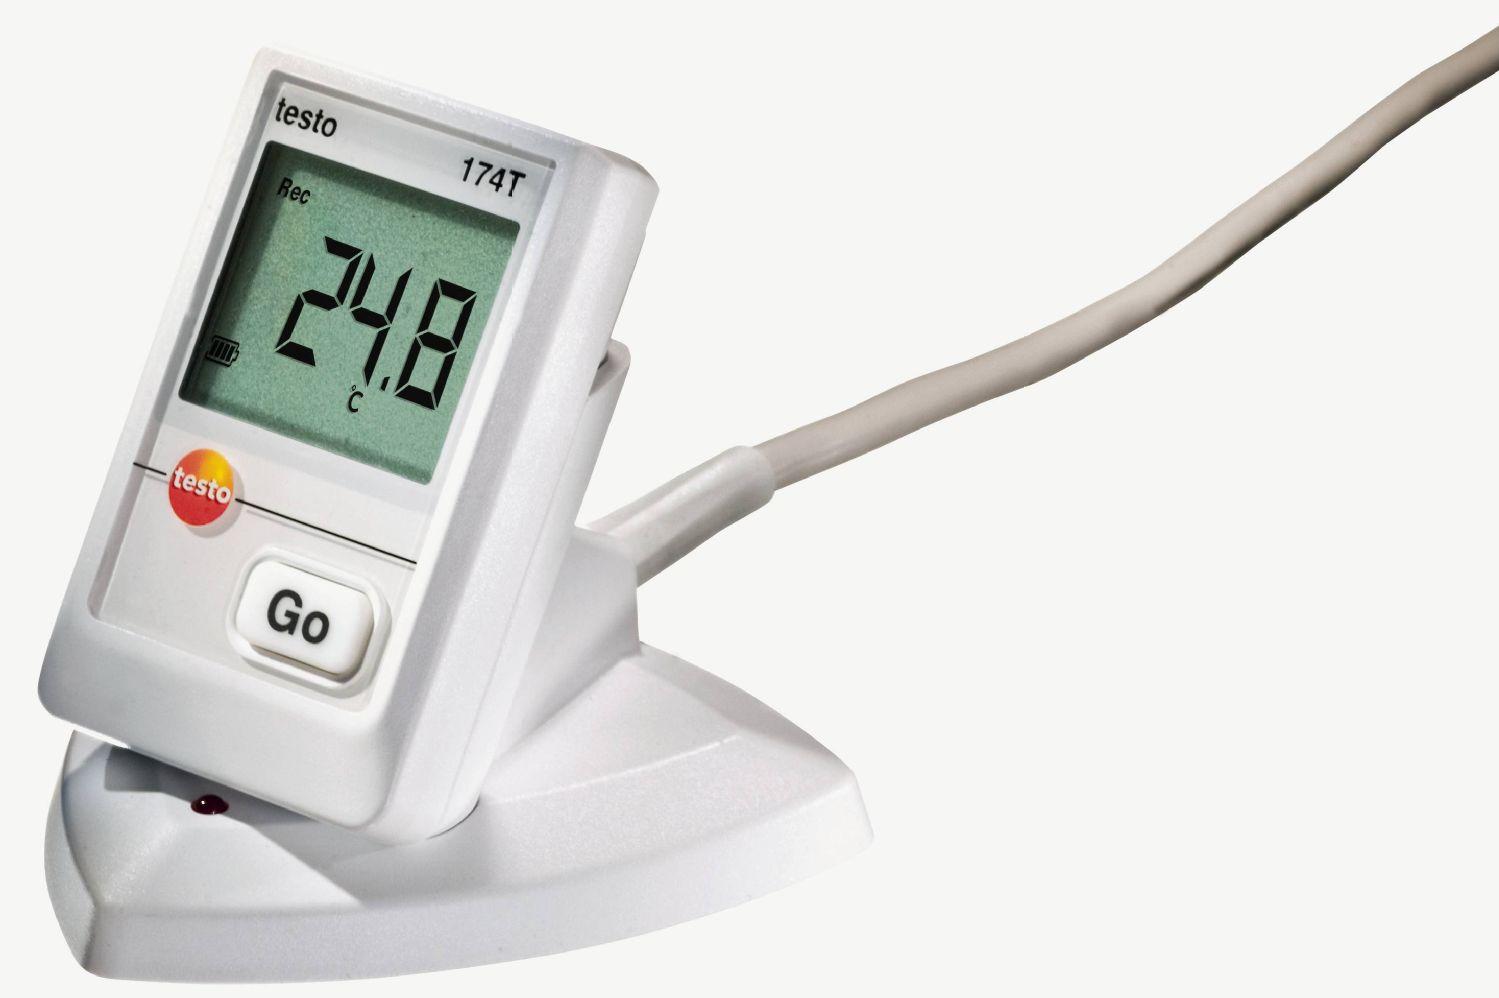 TESTO_174T-1_Mini Dataloggers - Temperature - Mini Dataloggers – Temperature